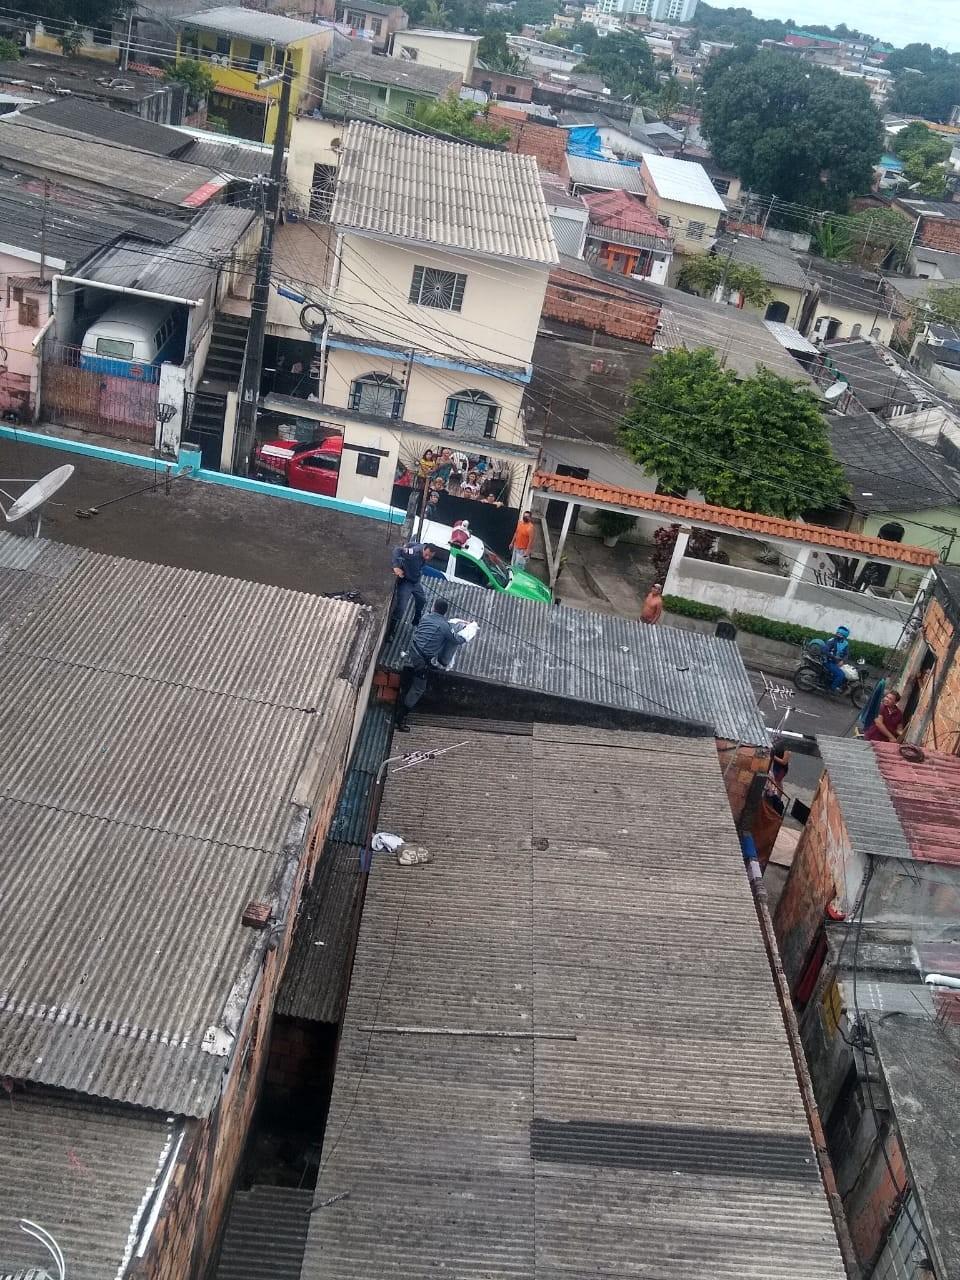 Morre recém-nascida abandonada em telhado de casa em Manaus